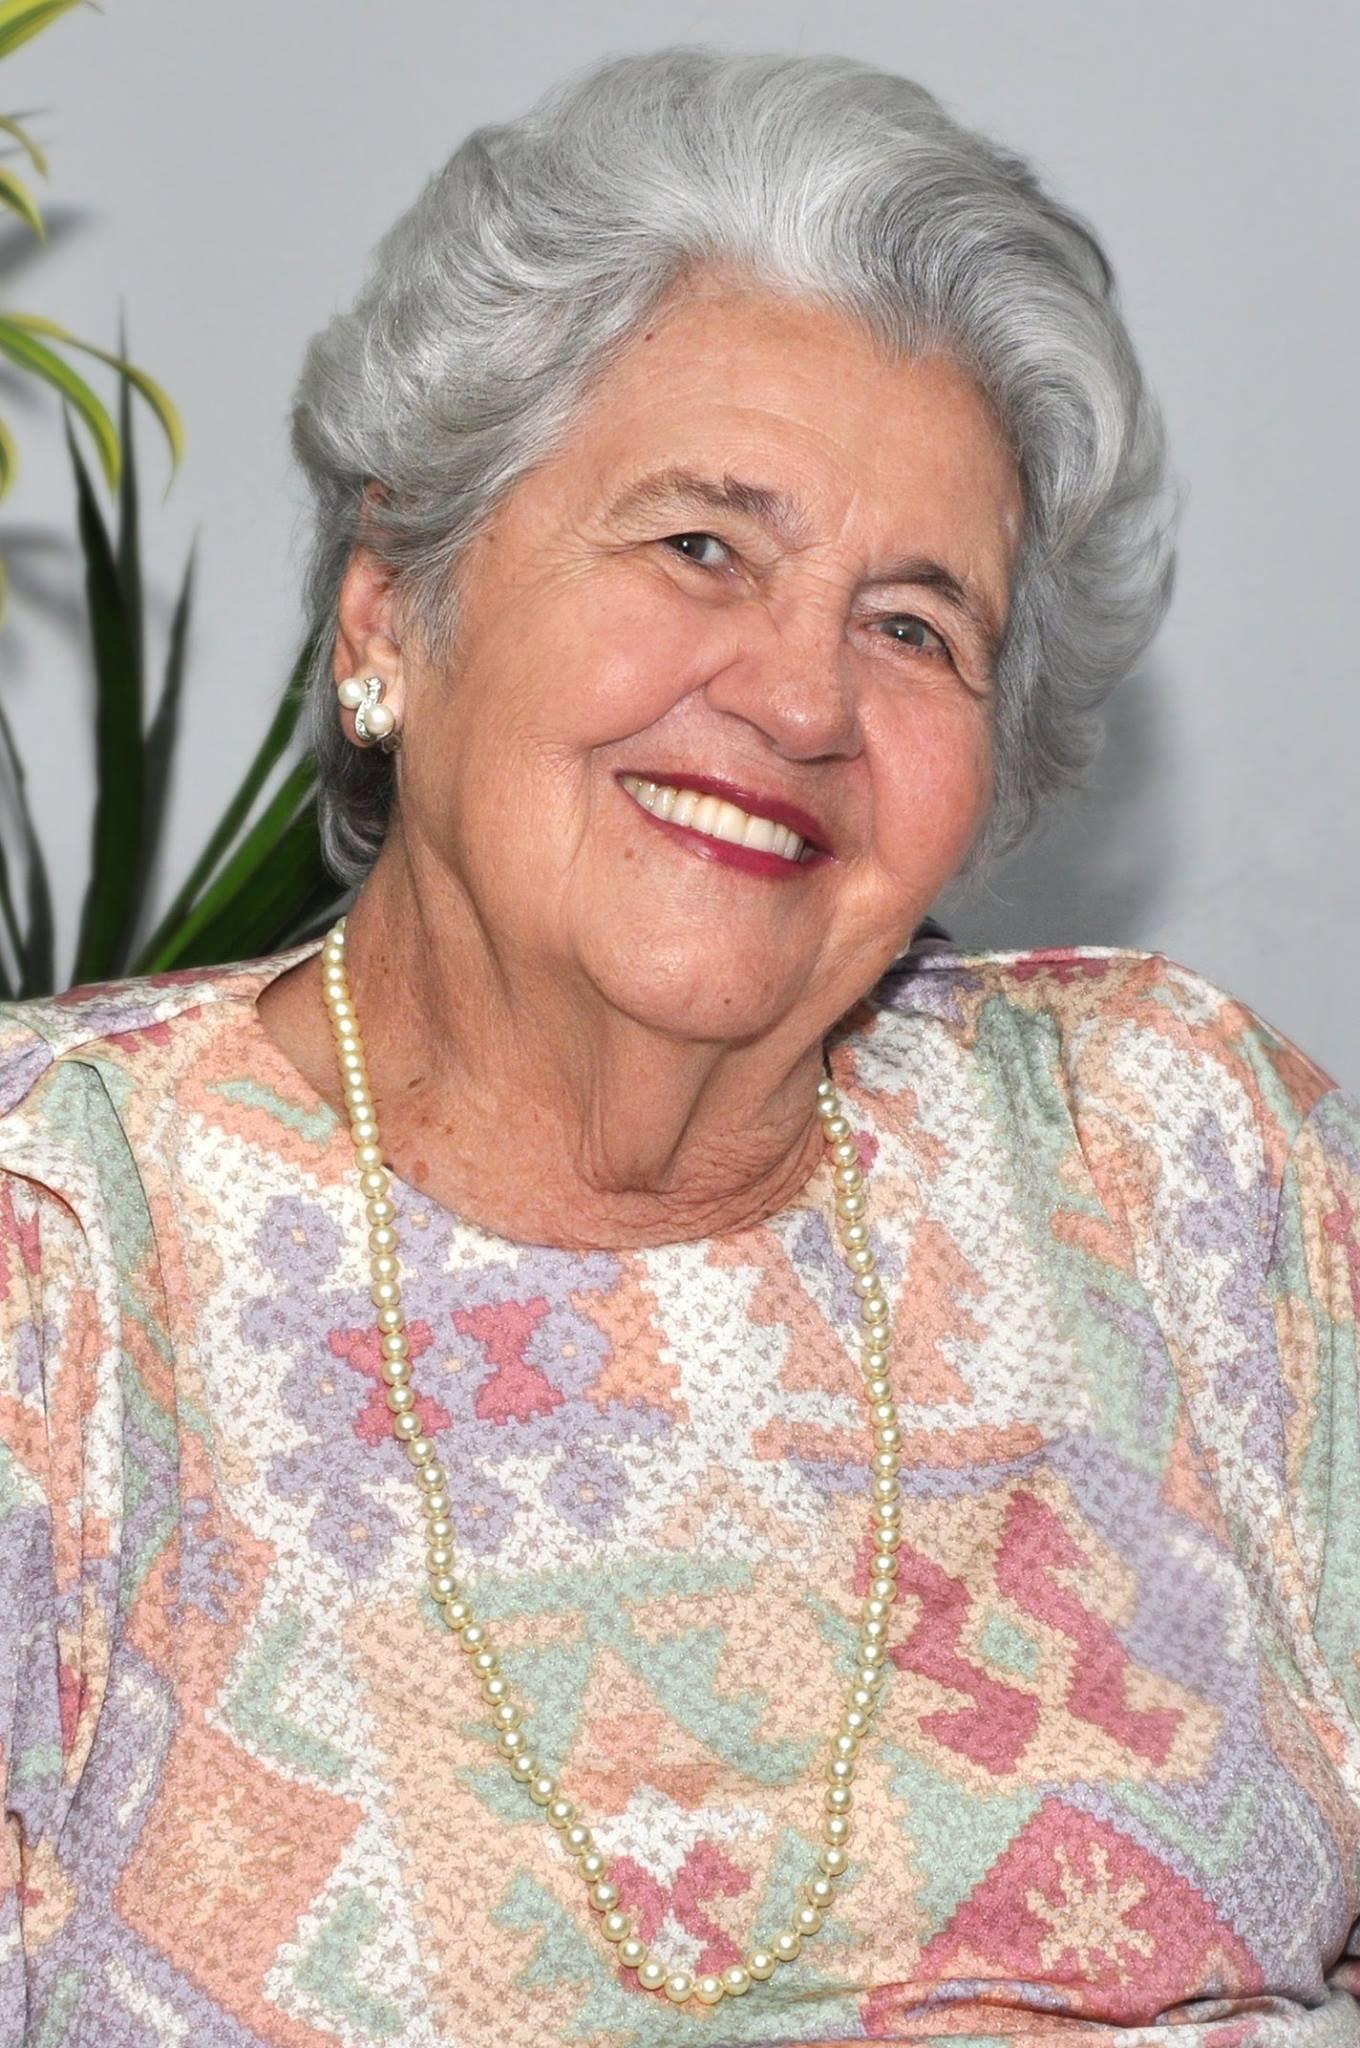 Odete Melo de Souza (Foto: Divulgação/ Chiapettas)